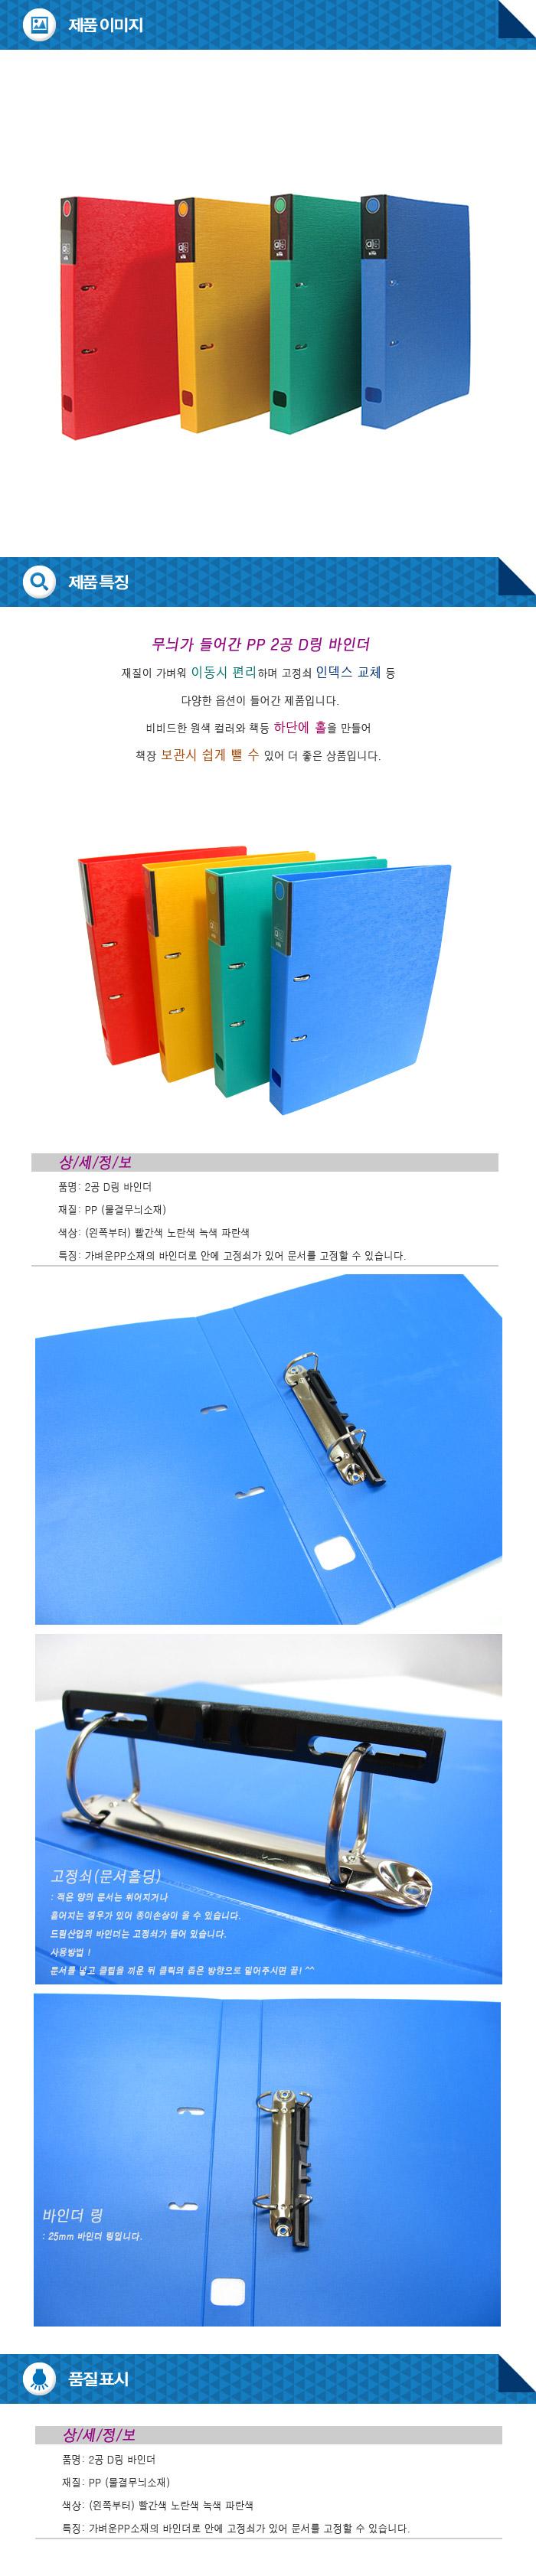 2공 D링 바인더 25mm - 드림, 2,500원, 바인더, 링바인더